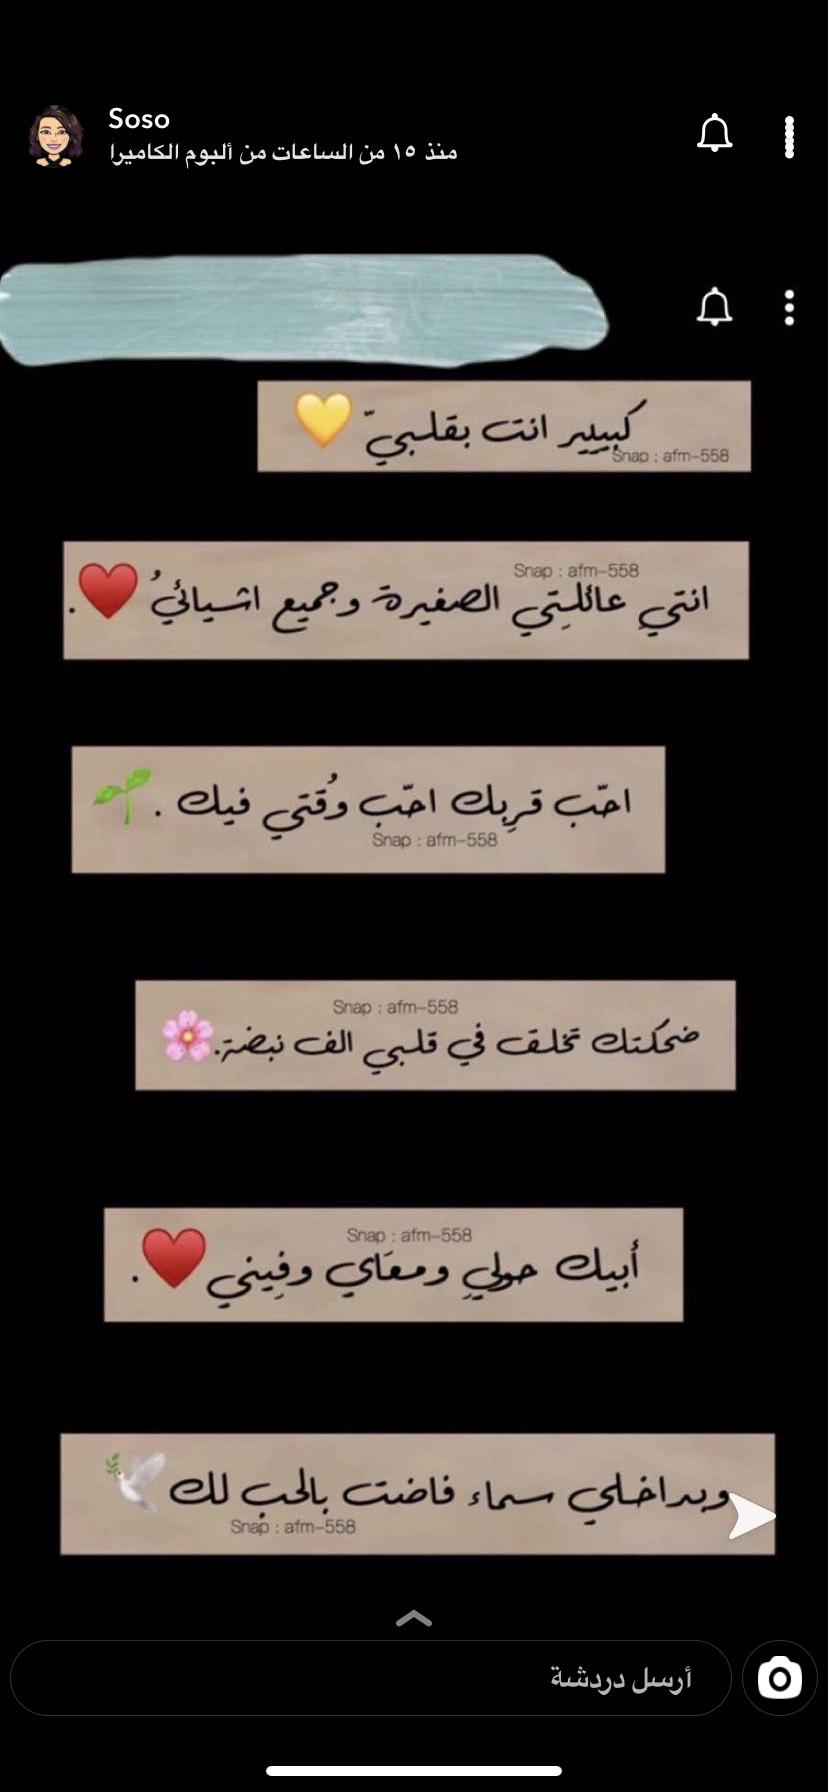 خلفيات سكرابز تصميم يوم الجمعة الجمعه اقتباسات سناب In 2020 One Word Quotes Words Quotes Arabic Love Quotes